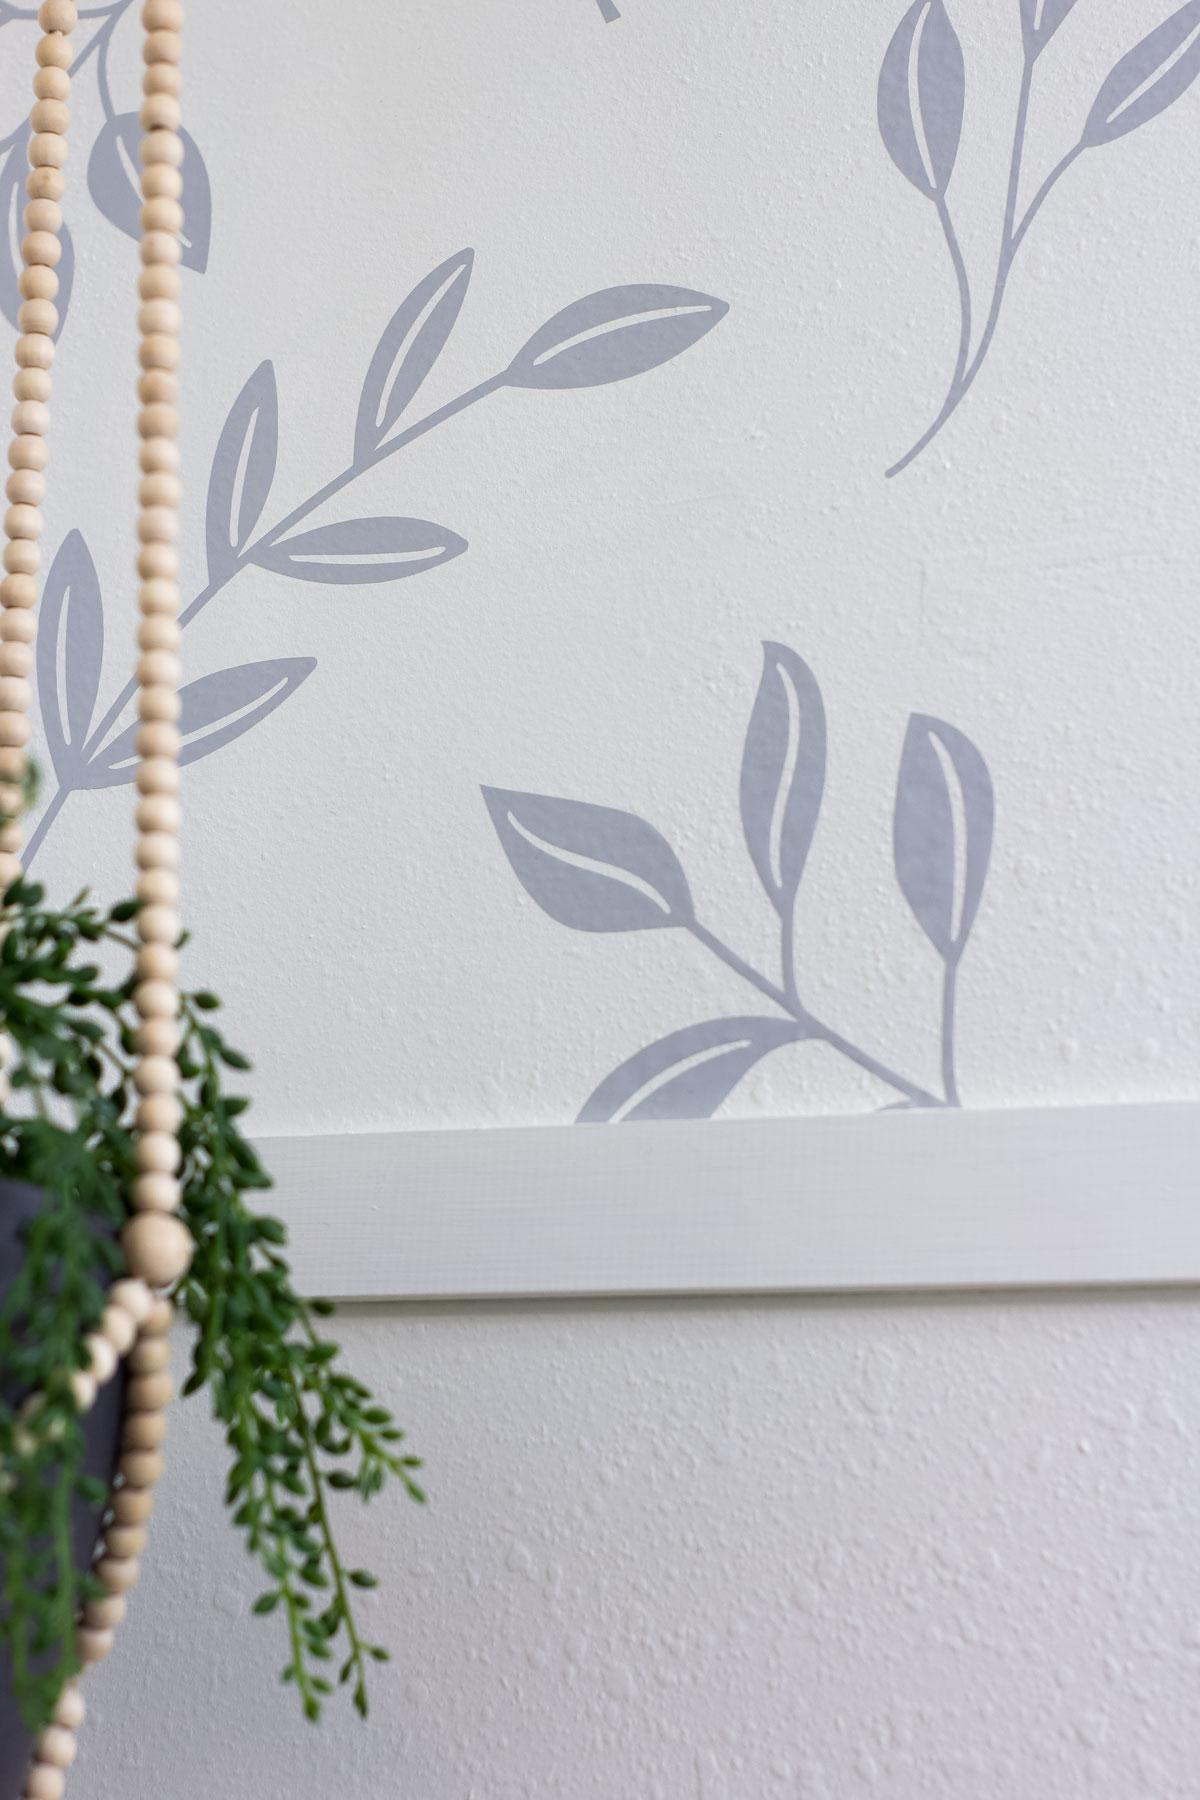 leaf wall treatment with wood trim